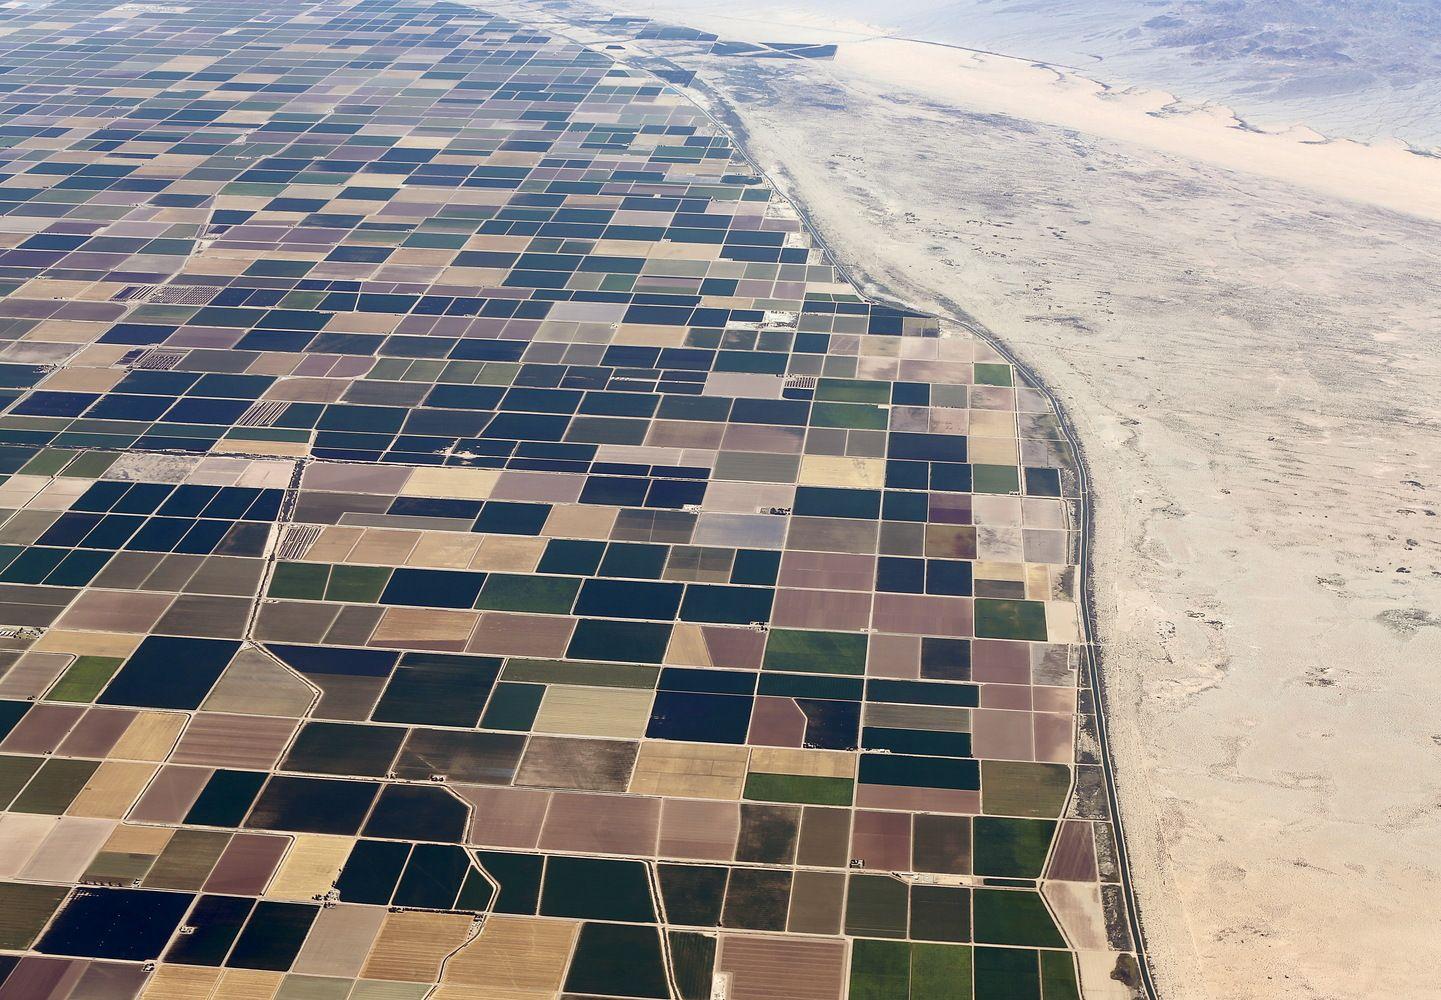 JAE ūkininkas dykumos smėlį sugebėjo paversti derlinga žeme